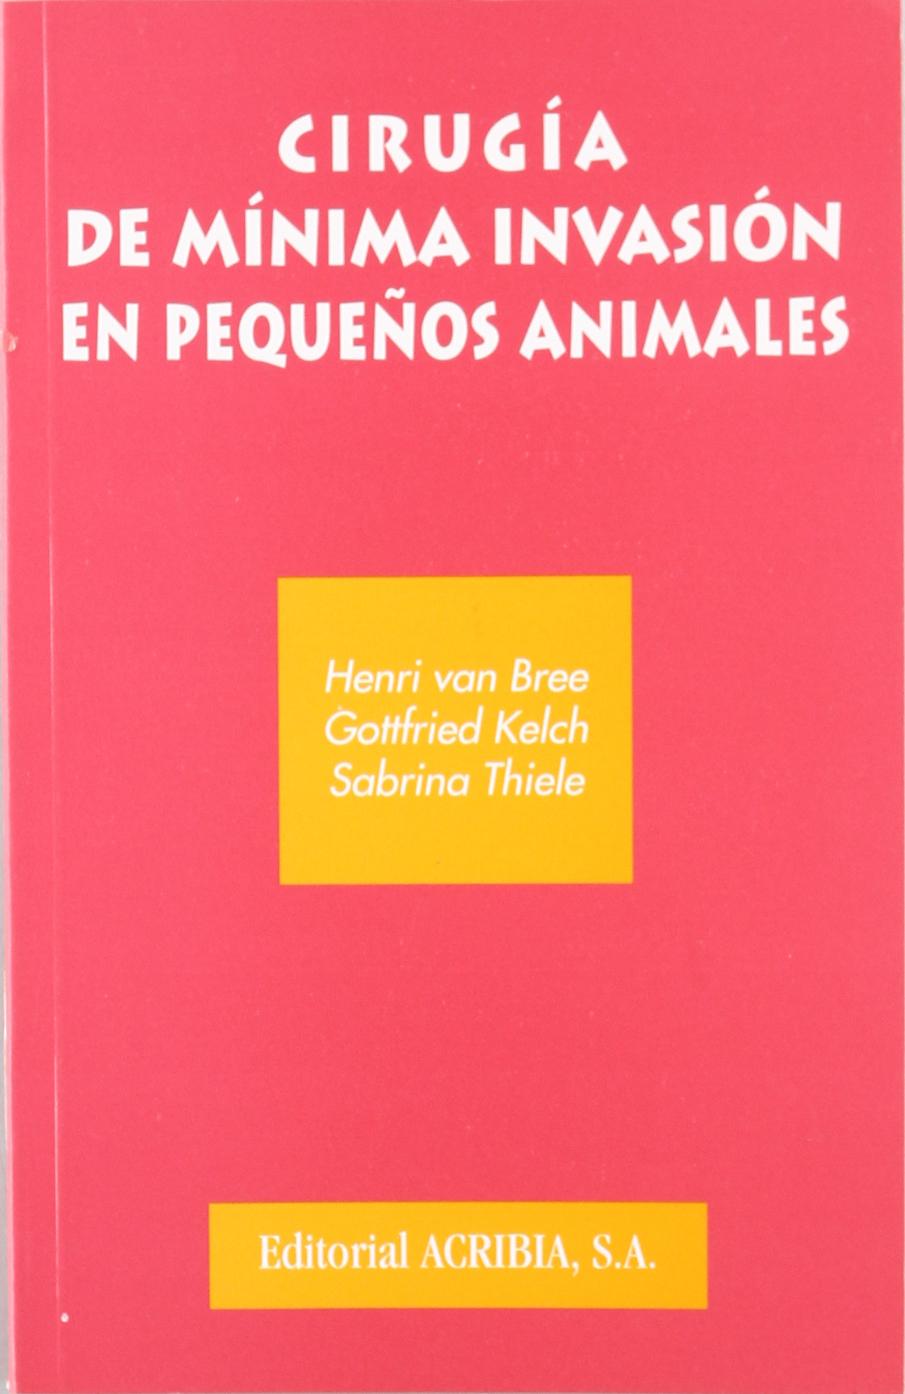 Cirugía de mínima invasión de pequeños animales por Henri Van Bree